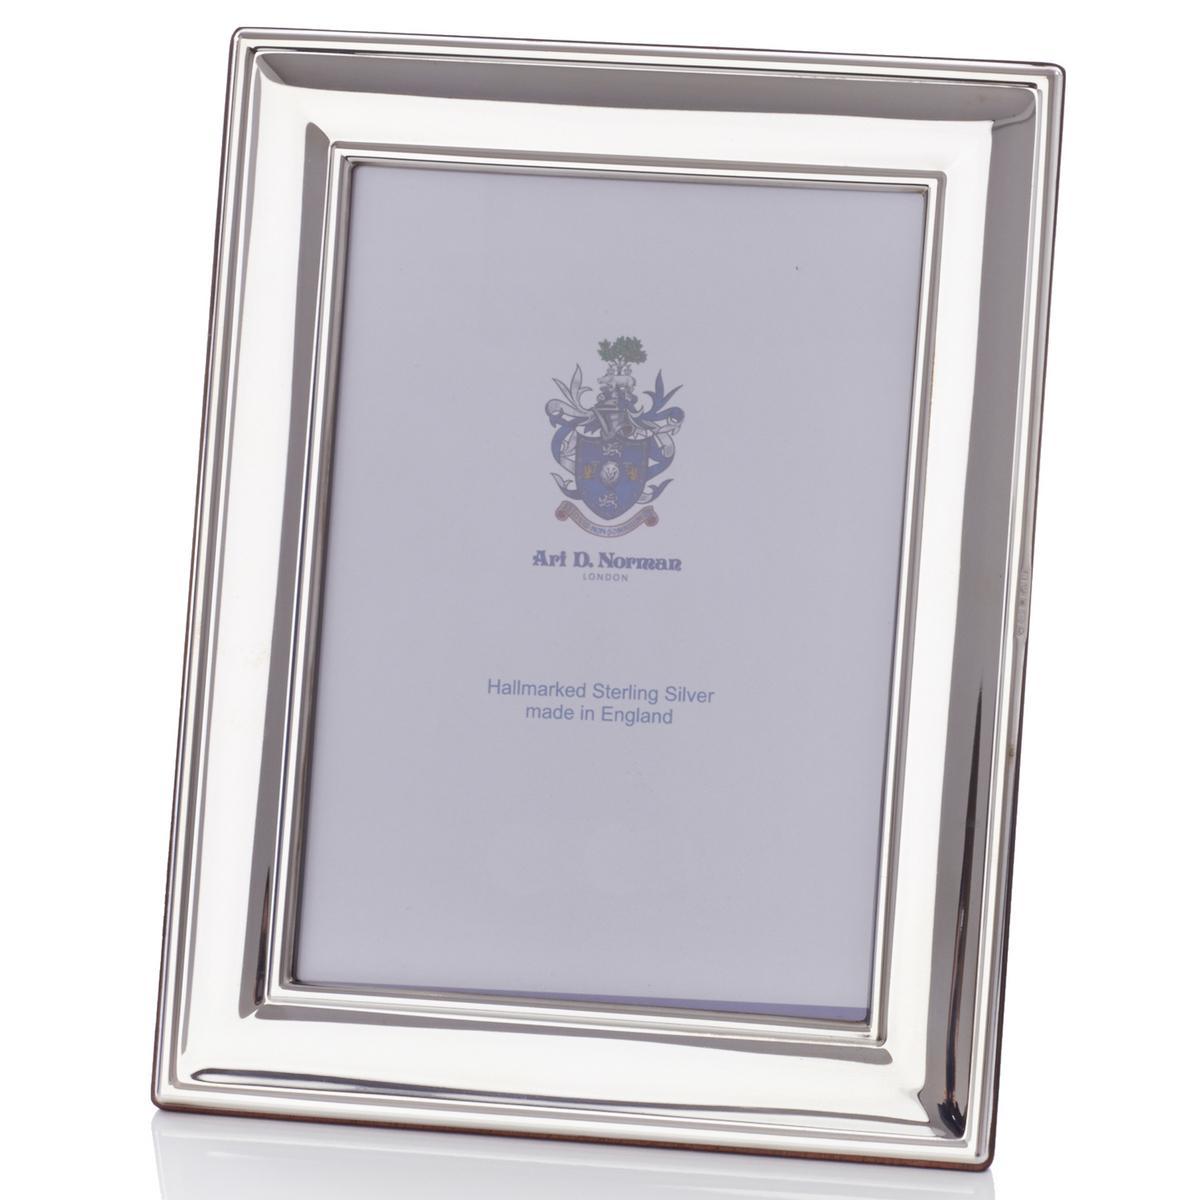 Berühmt 8x10 Silberrahmen Fotos - Benutzerdefinierte Bilderrahmen ...